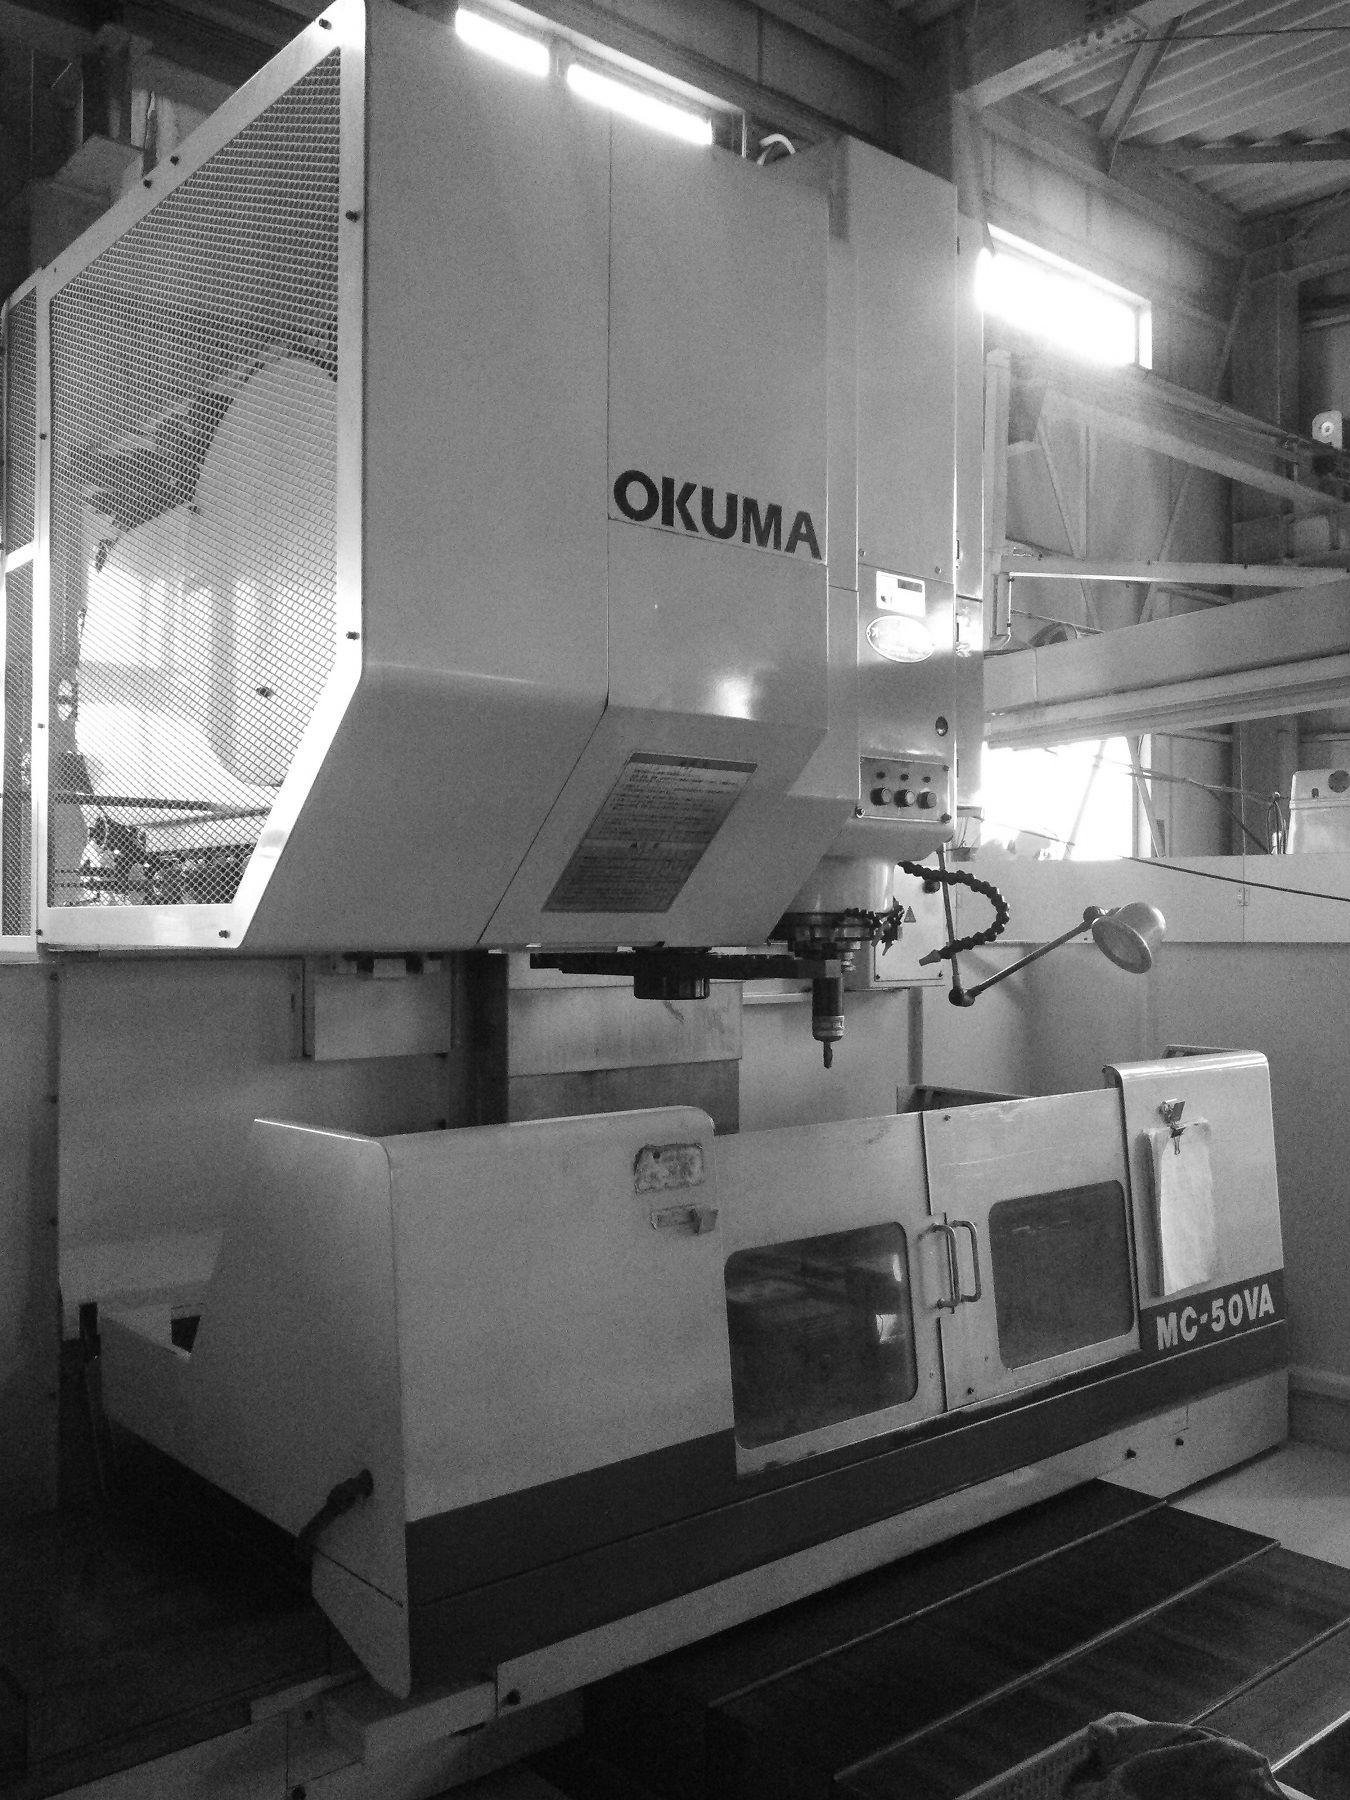 オークマ 5番 マシニング MC 浜松東区 治具 設計製作 機械加工 専用機 金属切削 加工組立 フライス 旋盤 ワイヤーカット